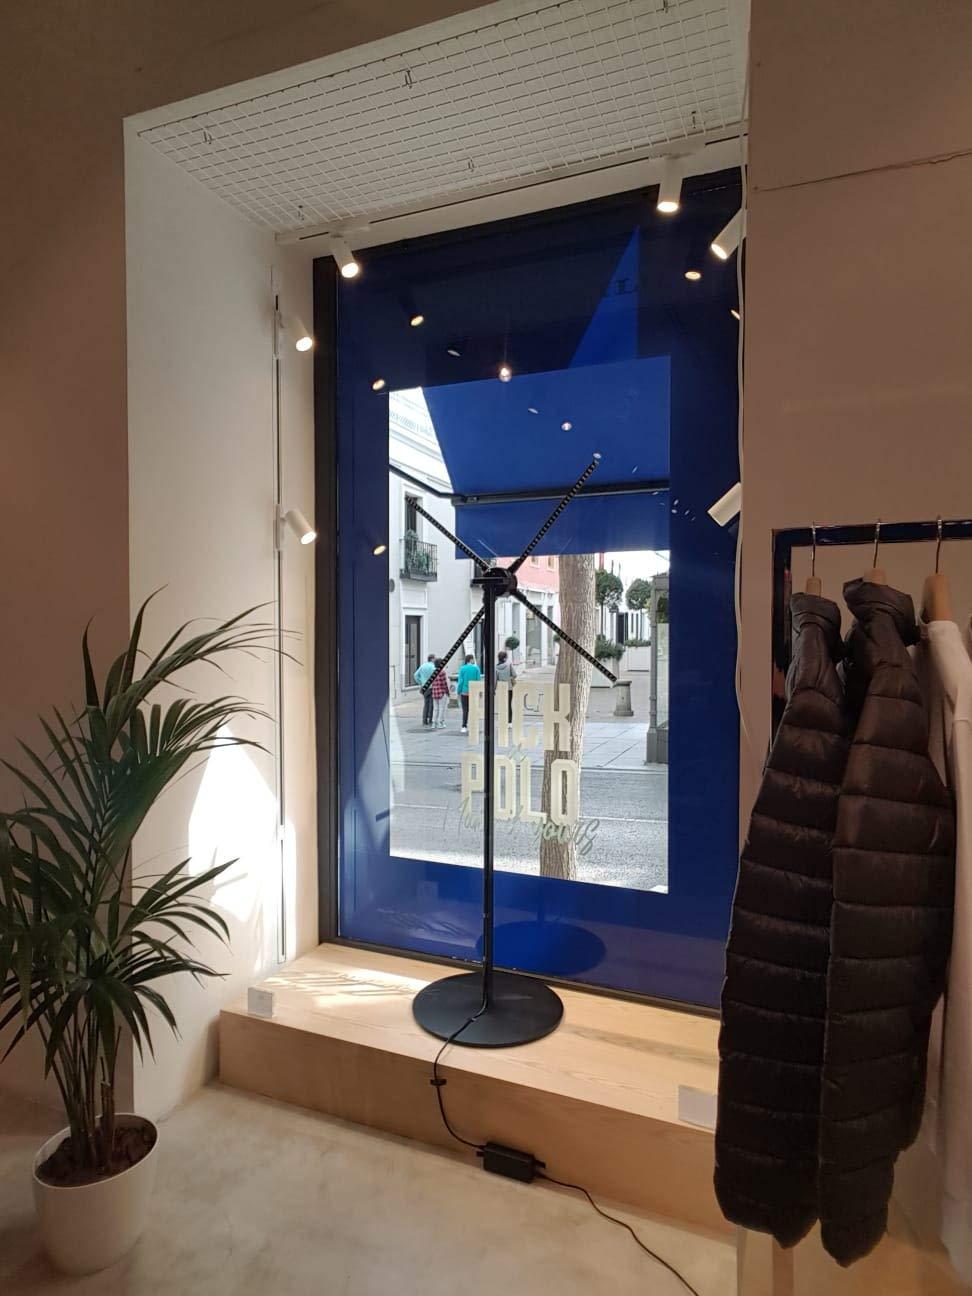 para profesionales de marketing eventos y ferias de Madrid Holograma 3d ventilador 57cm proyector holografico LED fan display Wifi Espa/ña